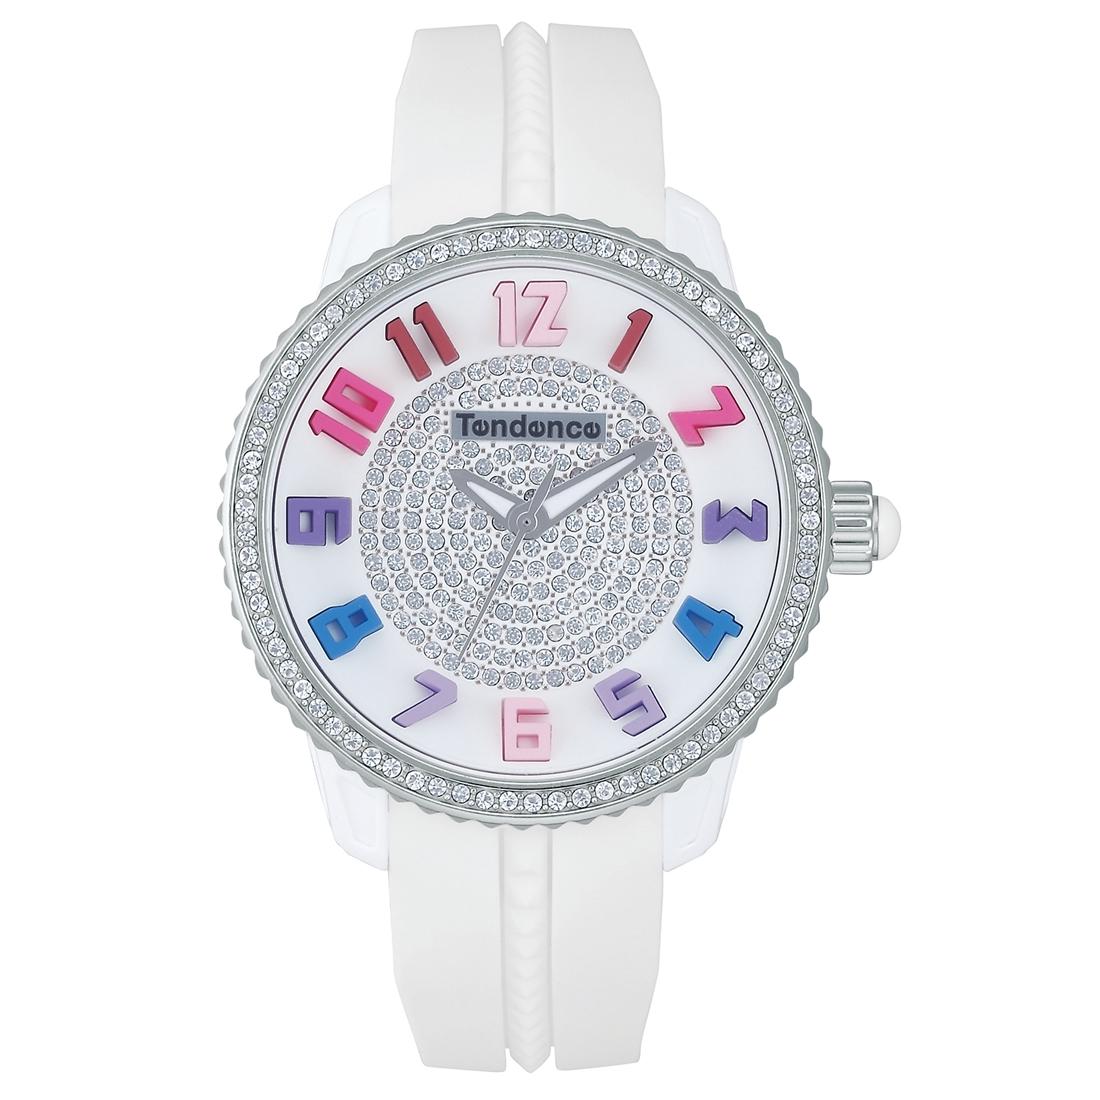 【今ならオーバーサイズノートプレゼント】 テンデンス Tendence TG930107R ガリバー レインボー ミディアム 日本限定モデル 正規品 腕時計